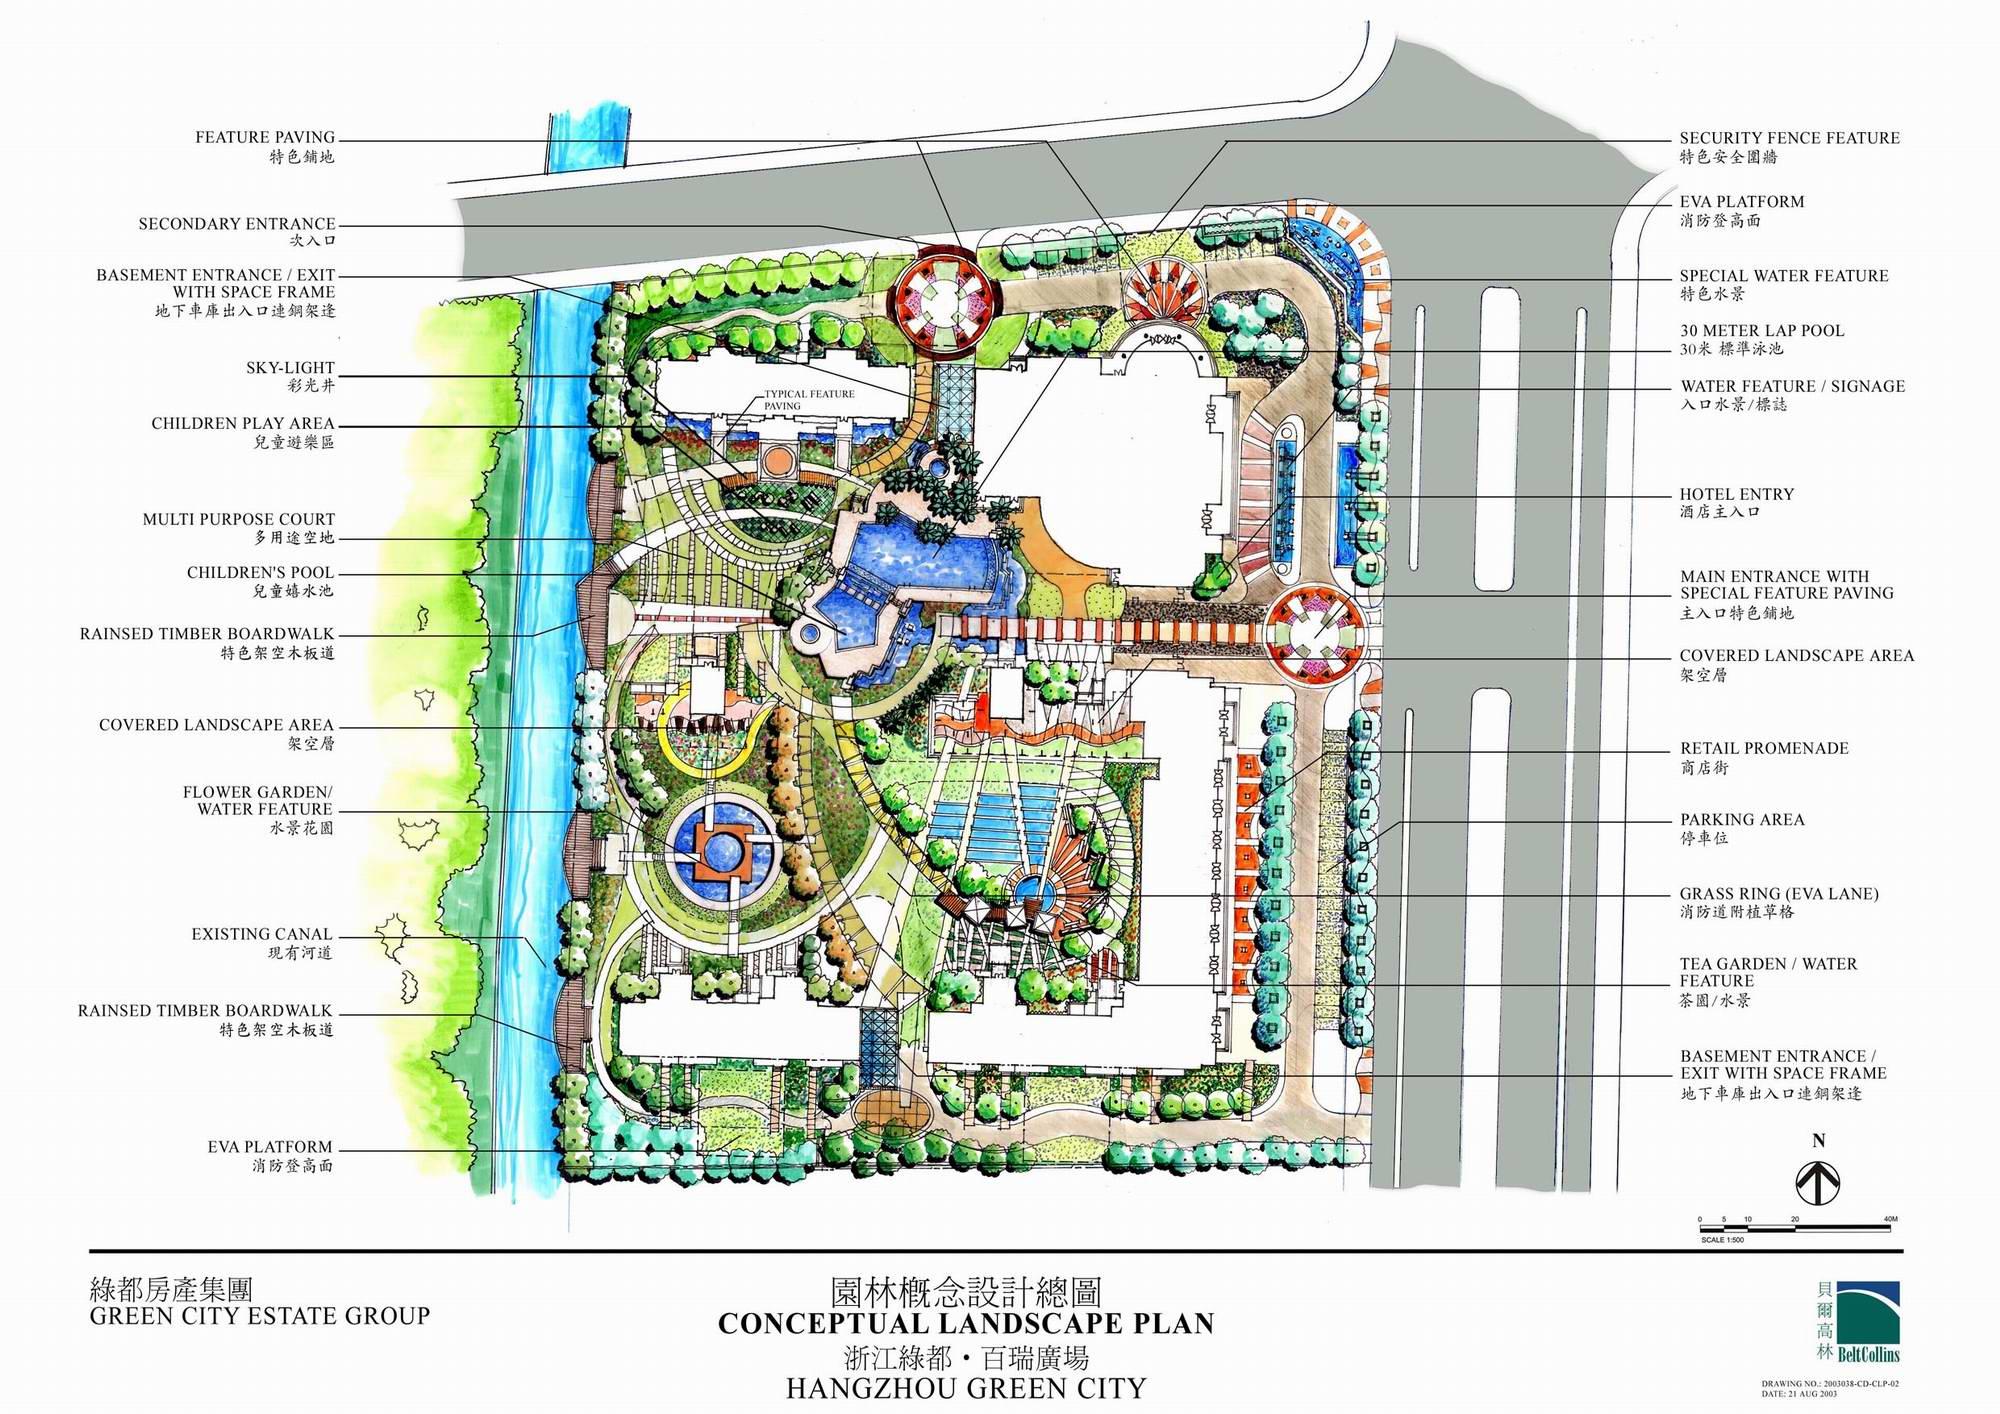 图纸 园林设计图 景观规划设计 公共绿地景观规划设计图 bca经典景观